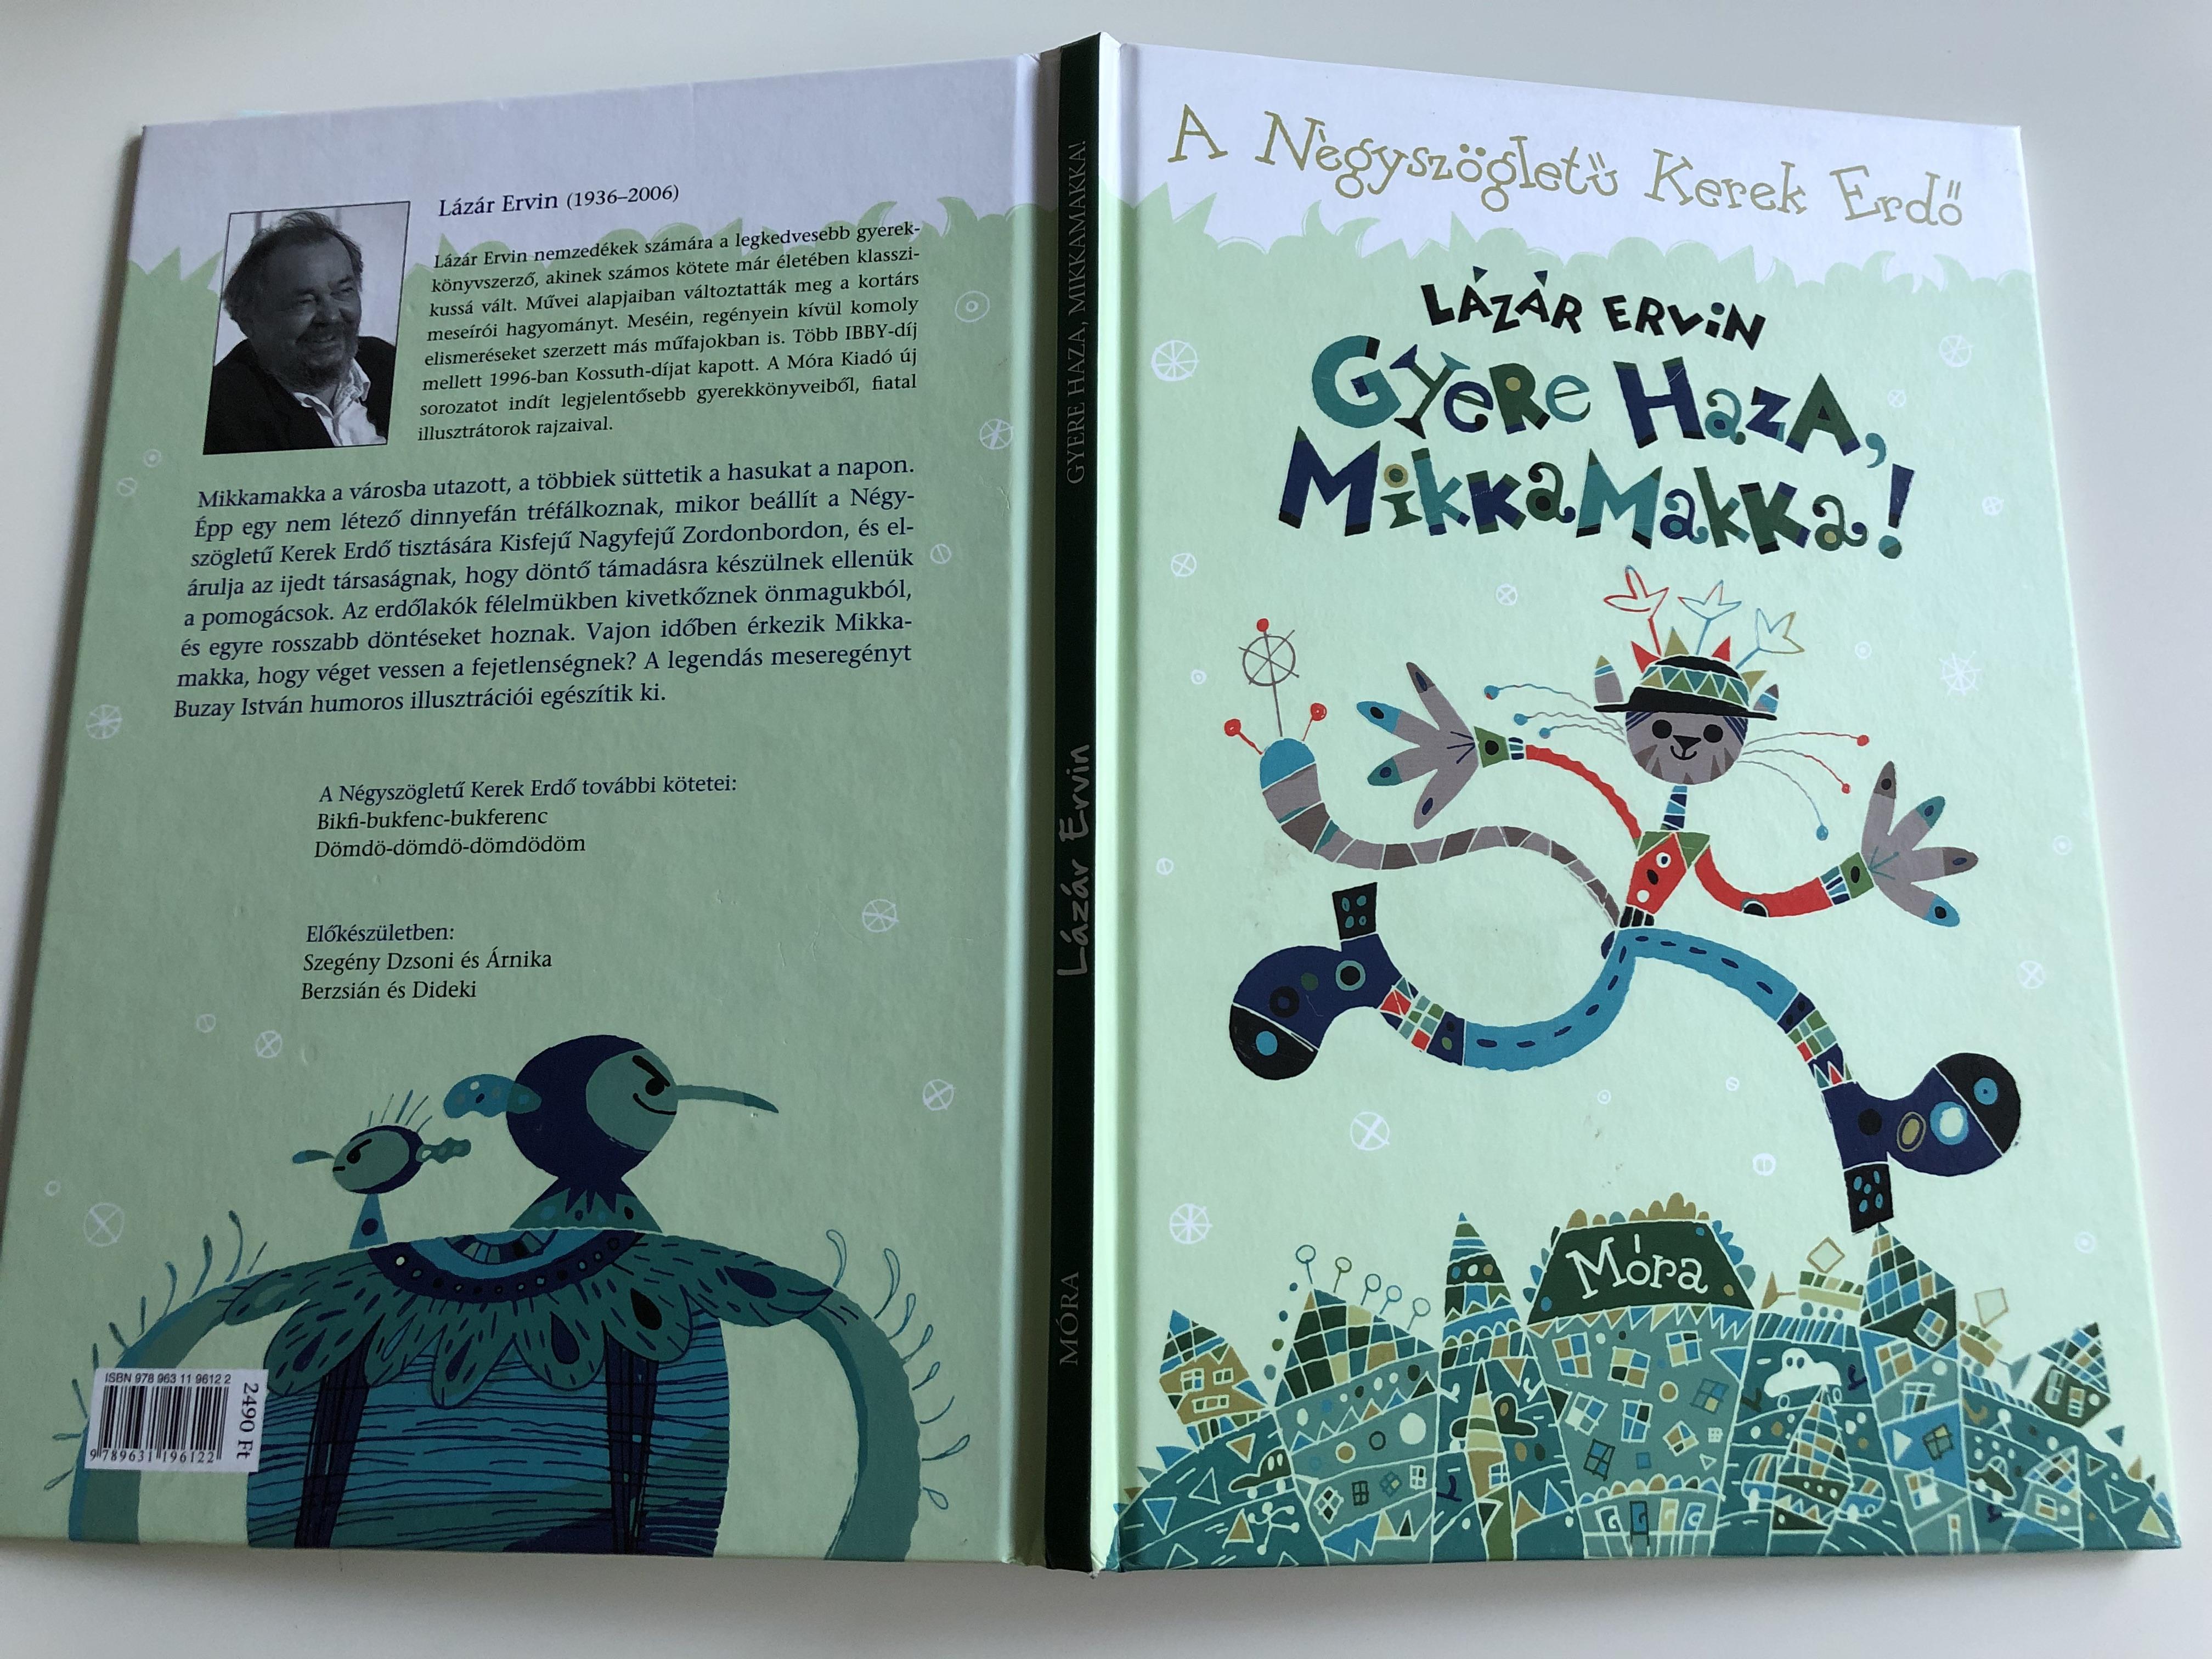 gyere-haza-mikkamakka-by-l-z-r-ervin-a-n-gysz-glet-kerek-erd-illustrated-by-buzay-istv-n-m-ra-k-nyvkiad-2013-13-.jpg